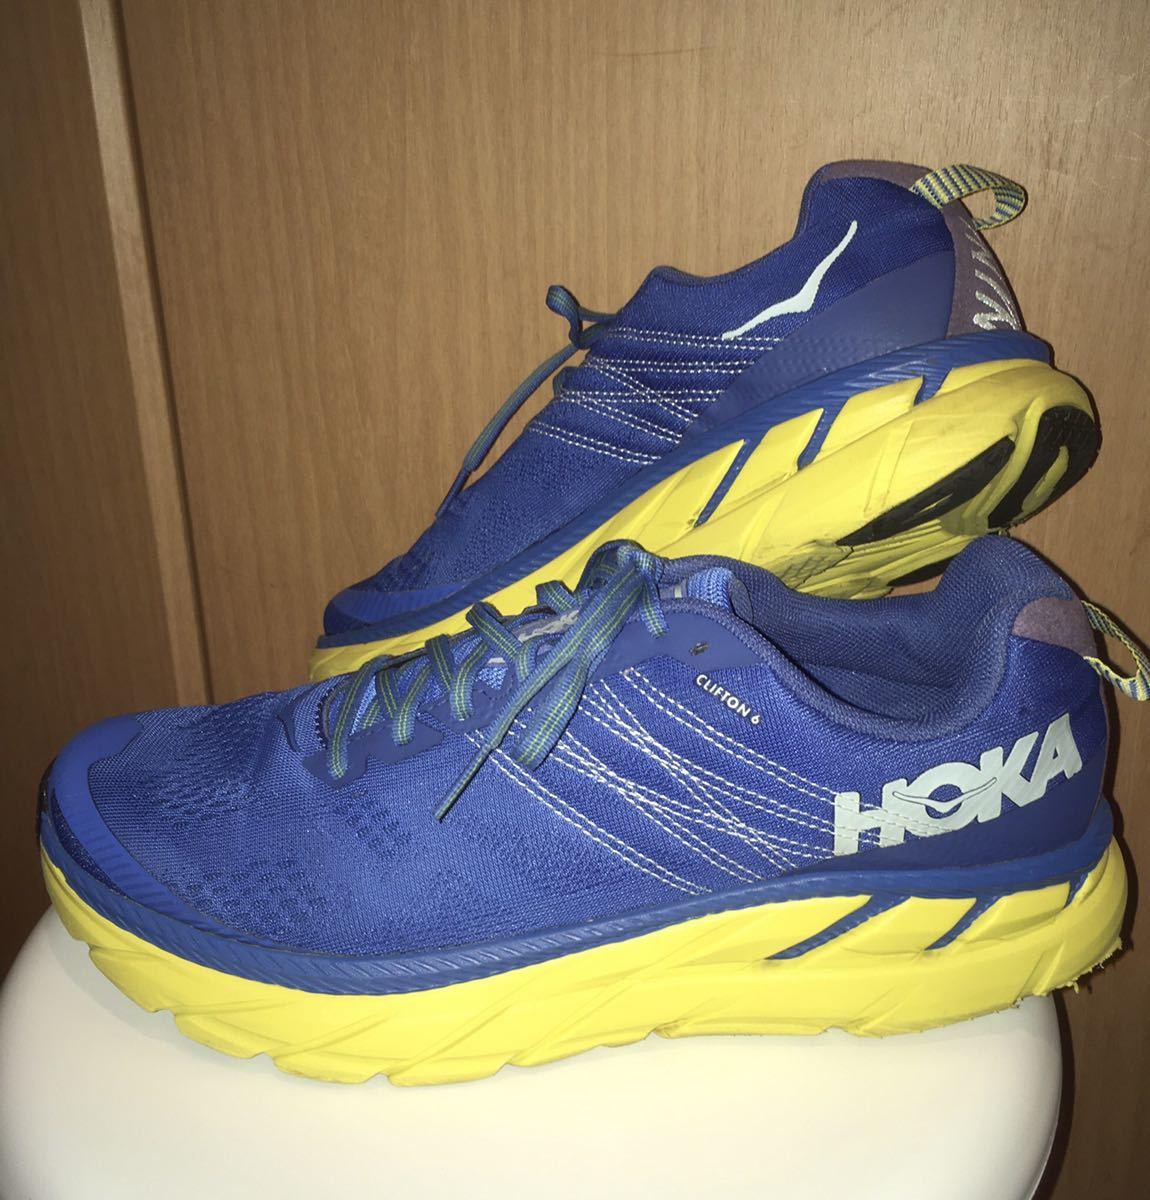 HOKA ONEONE ホカオネオネ クリフトン6 ブルー 27.5センチ ランニングシューズ_画像1